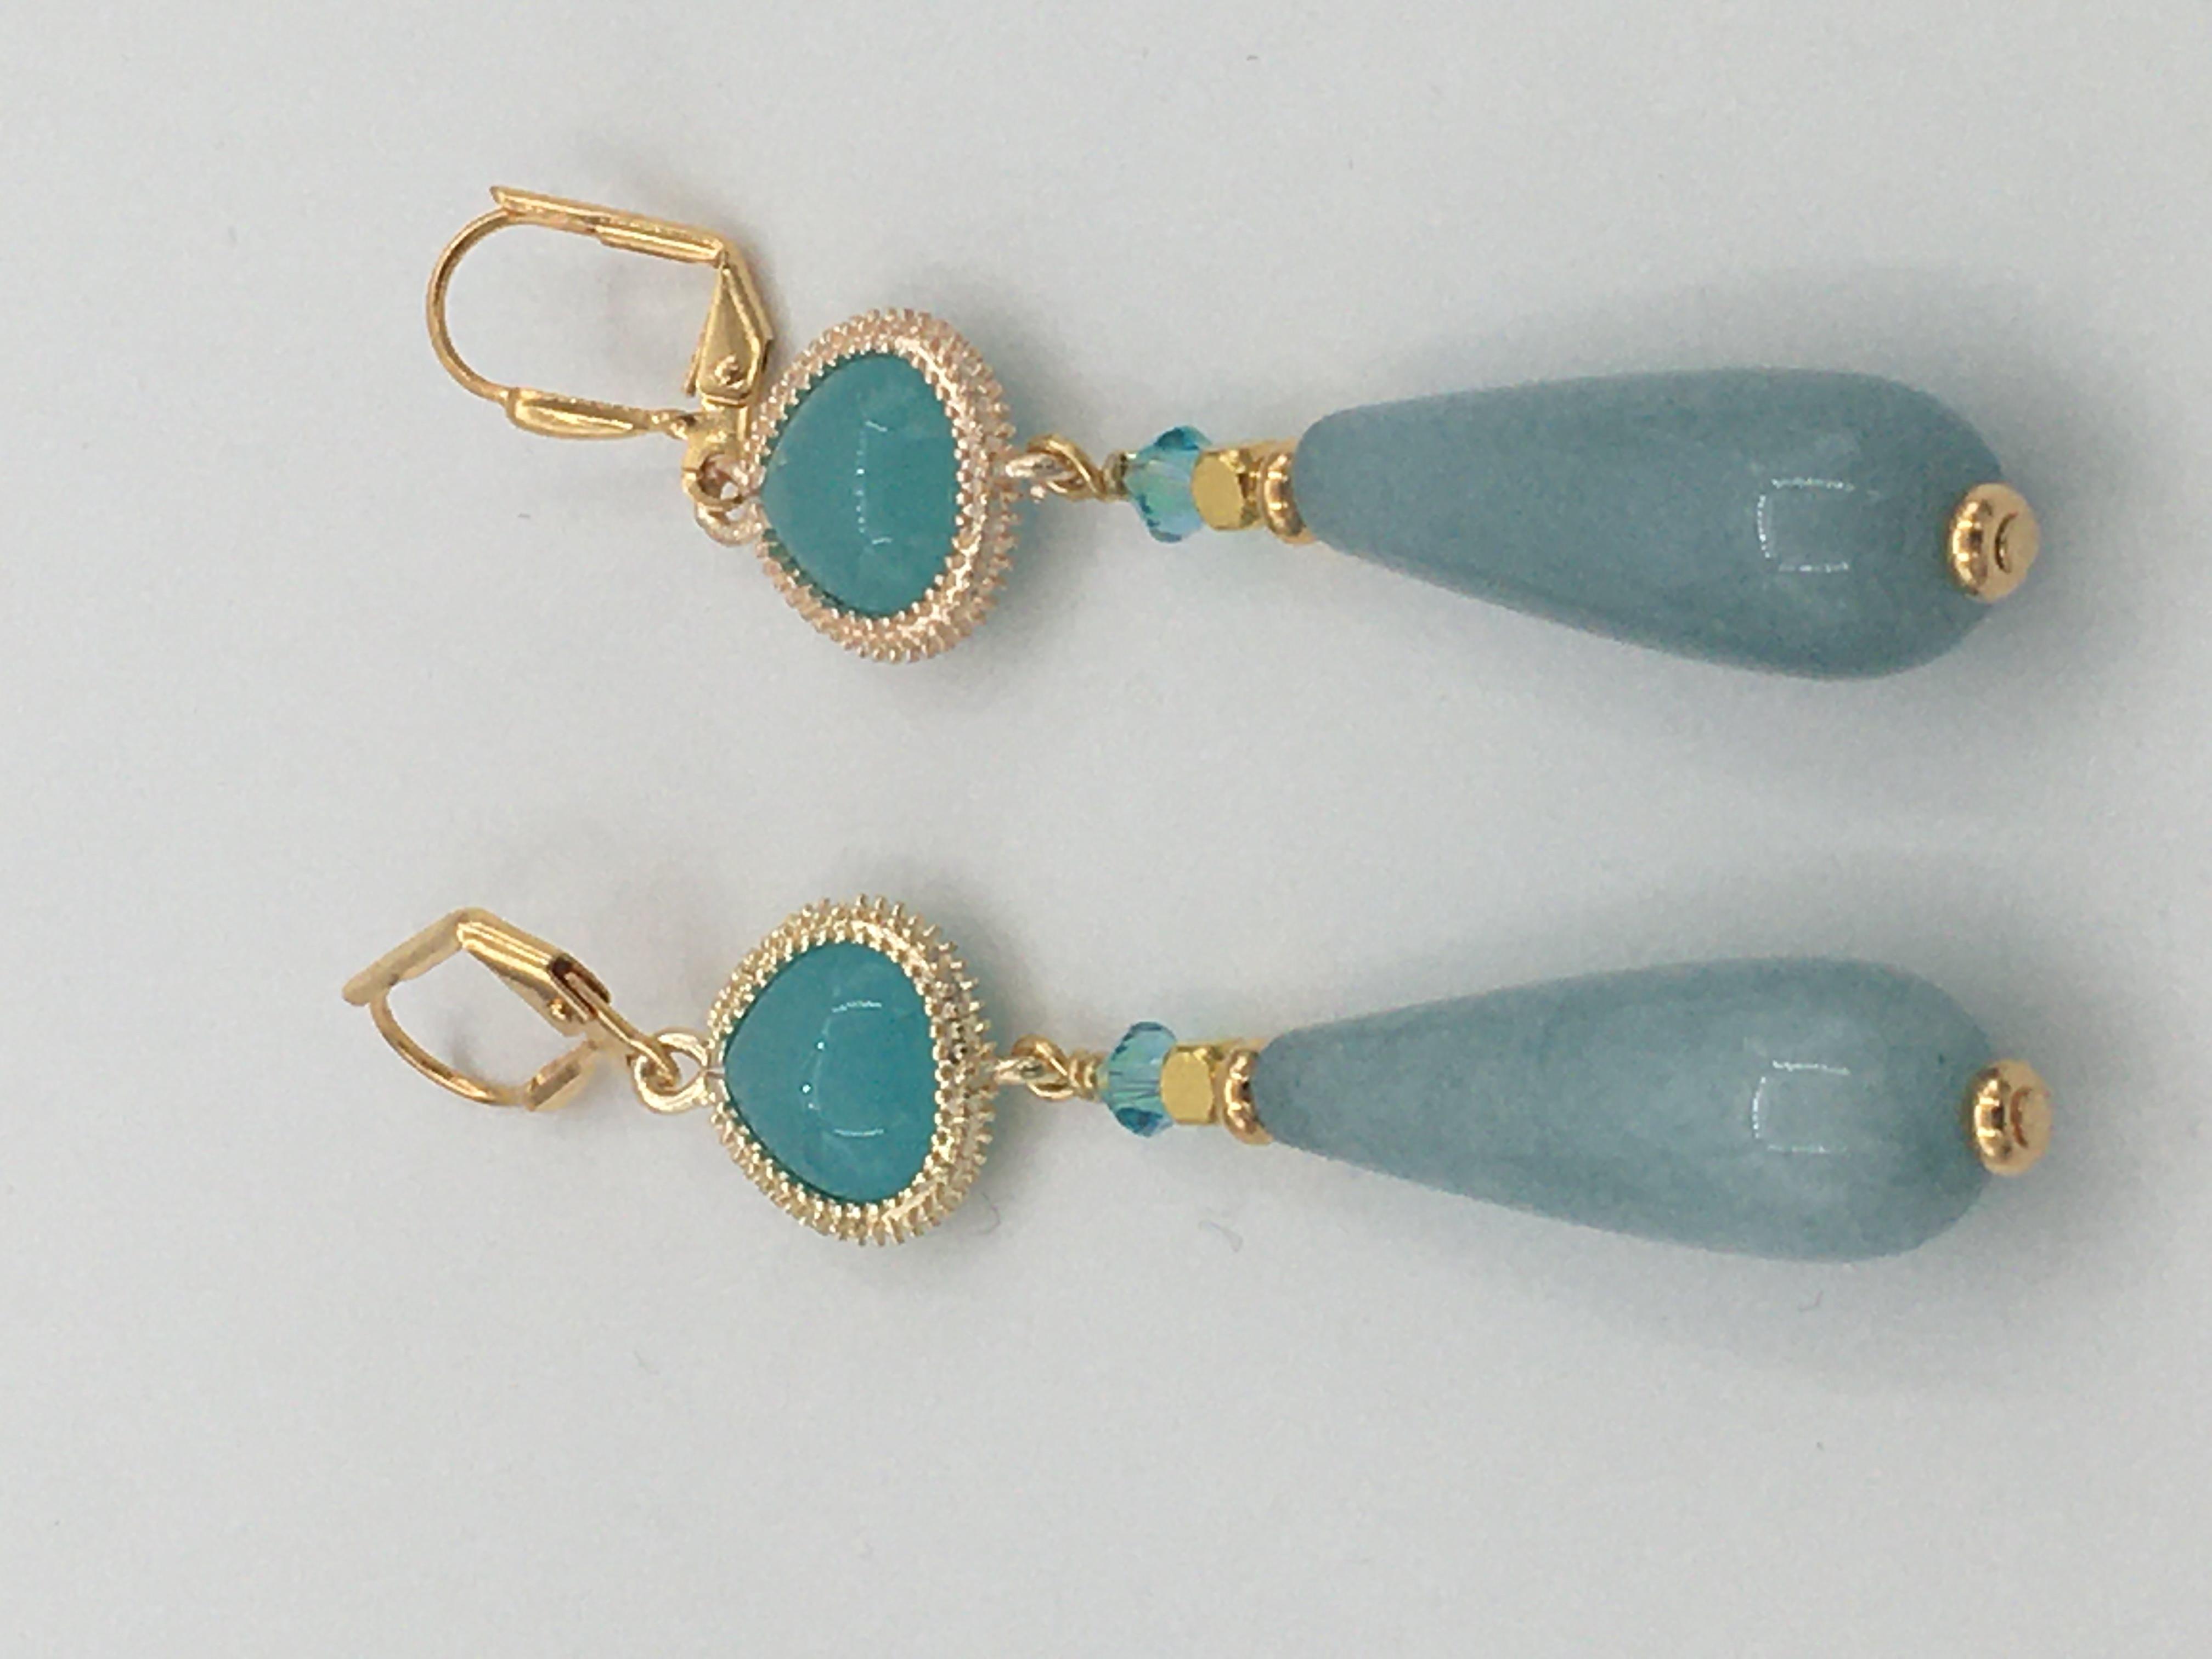 Jade Swarovski Crystals Earrings Image